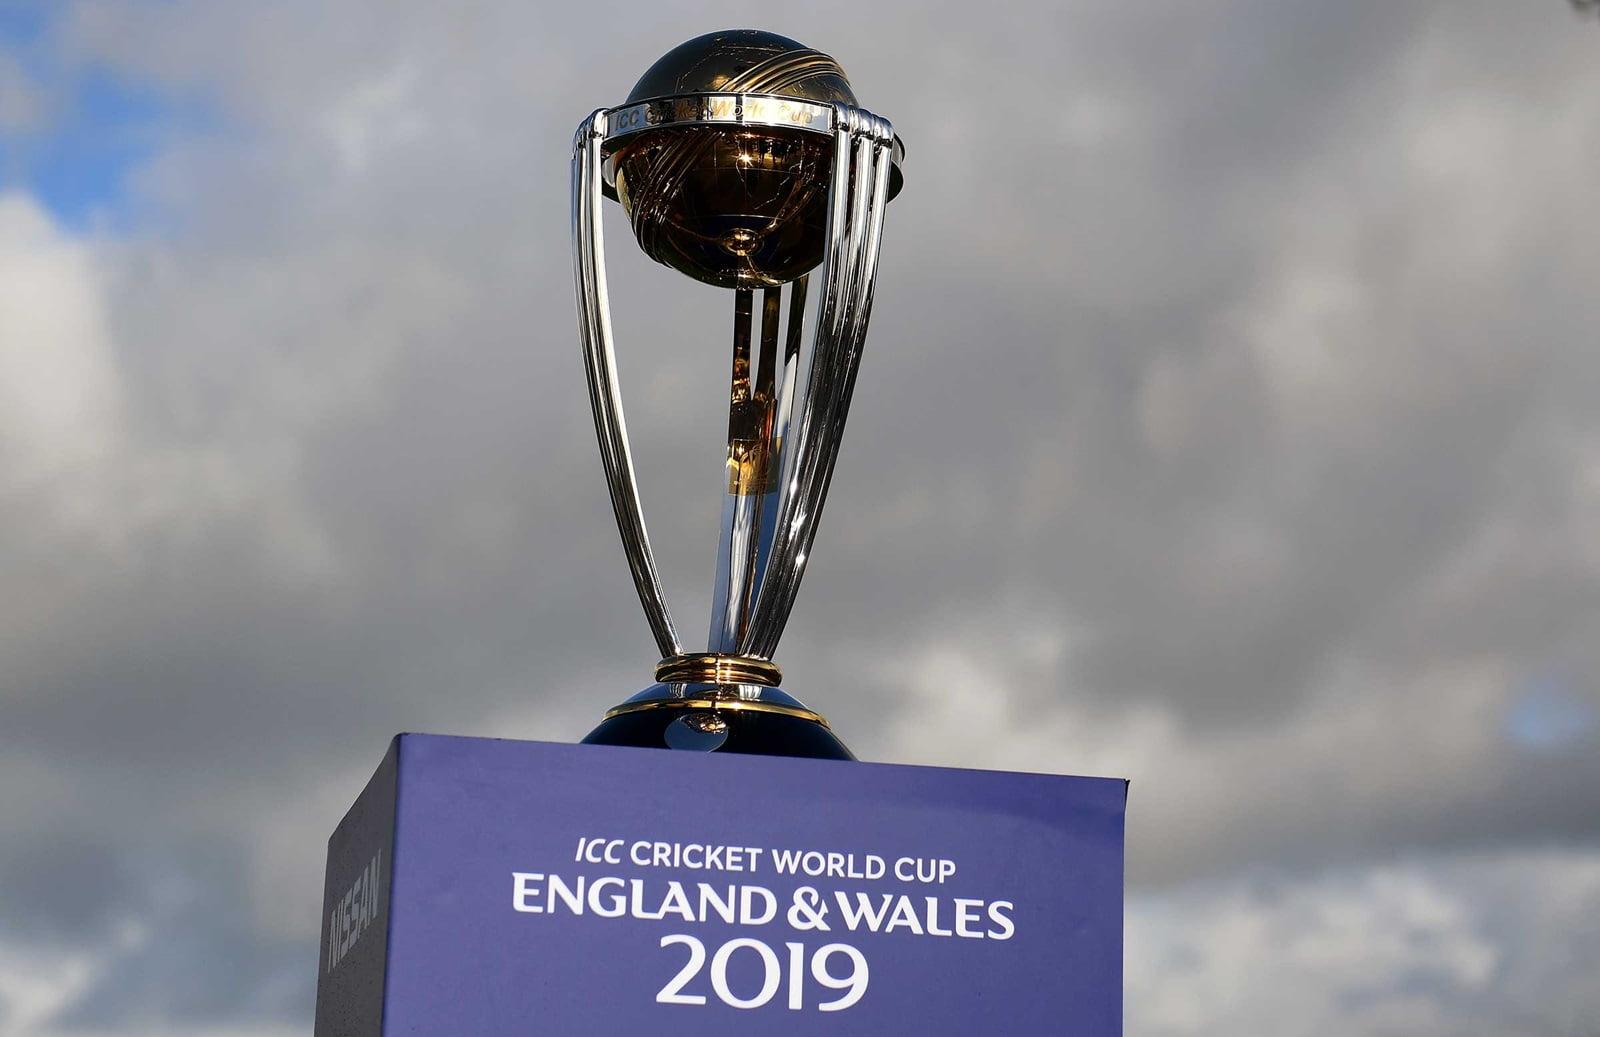 کرکت 1 - تیم ملی کرکت انگلند قهرمان جام جهانی کرکت ۲۰۱۹ شد